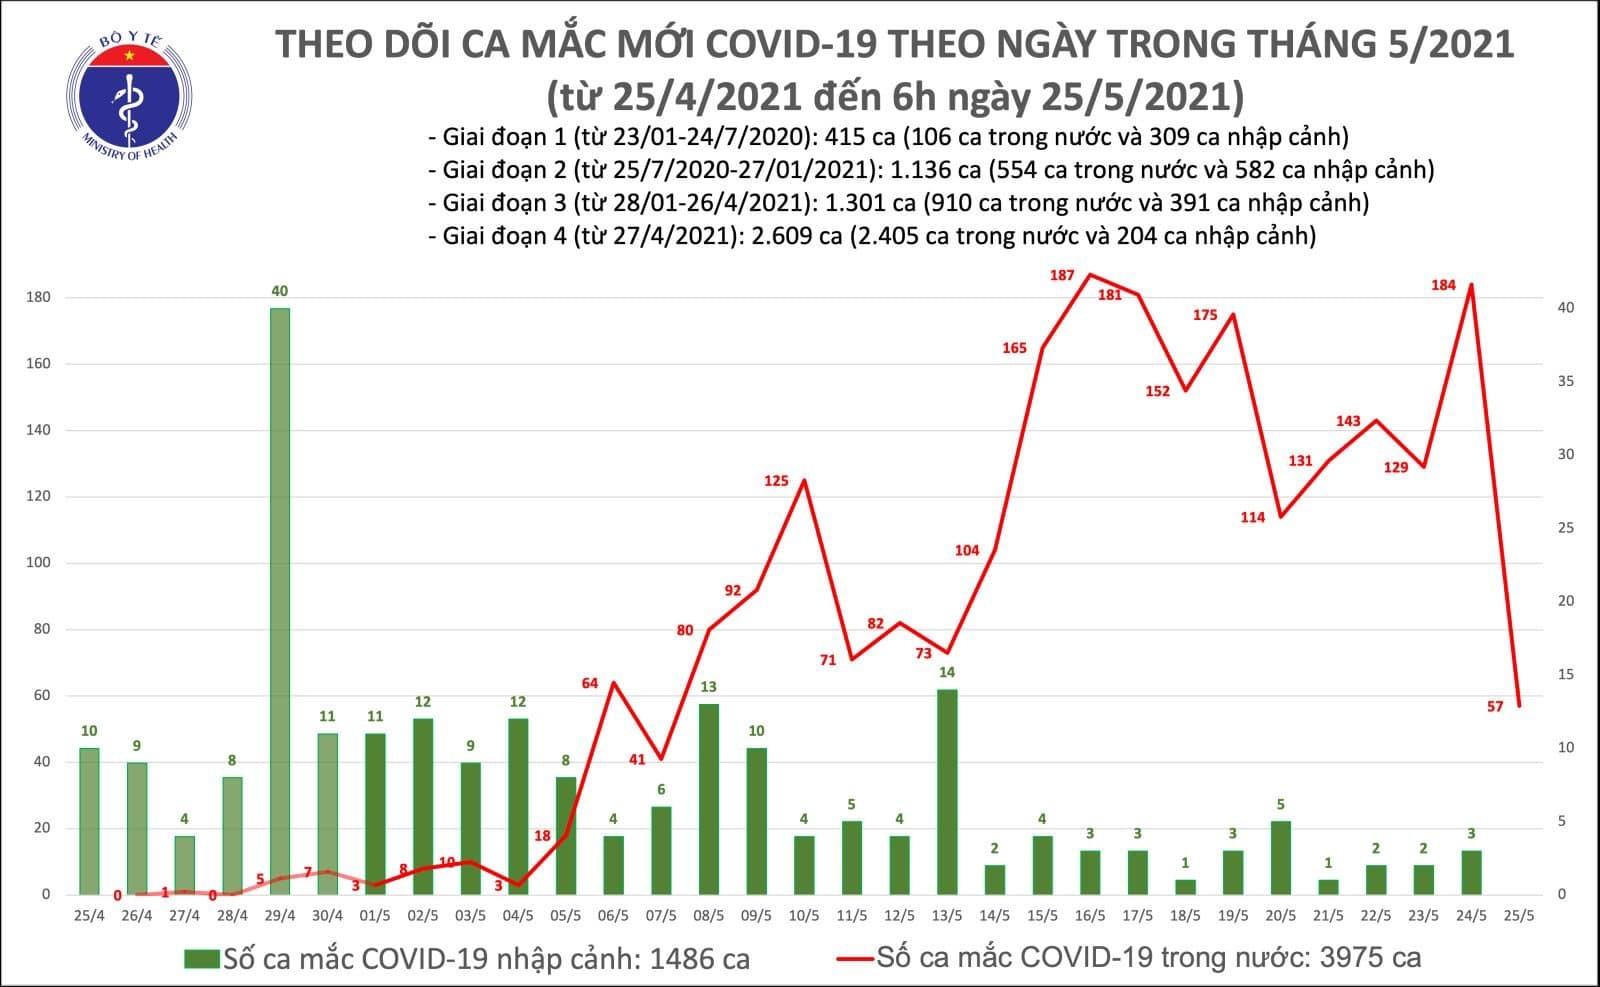 Thêm 57 ca Covid-19 trong nước, Bắc Giang vẫn tiếp tục tăng mạnh